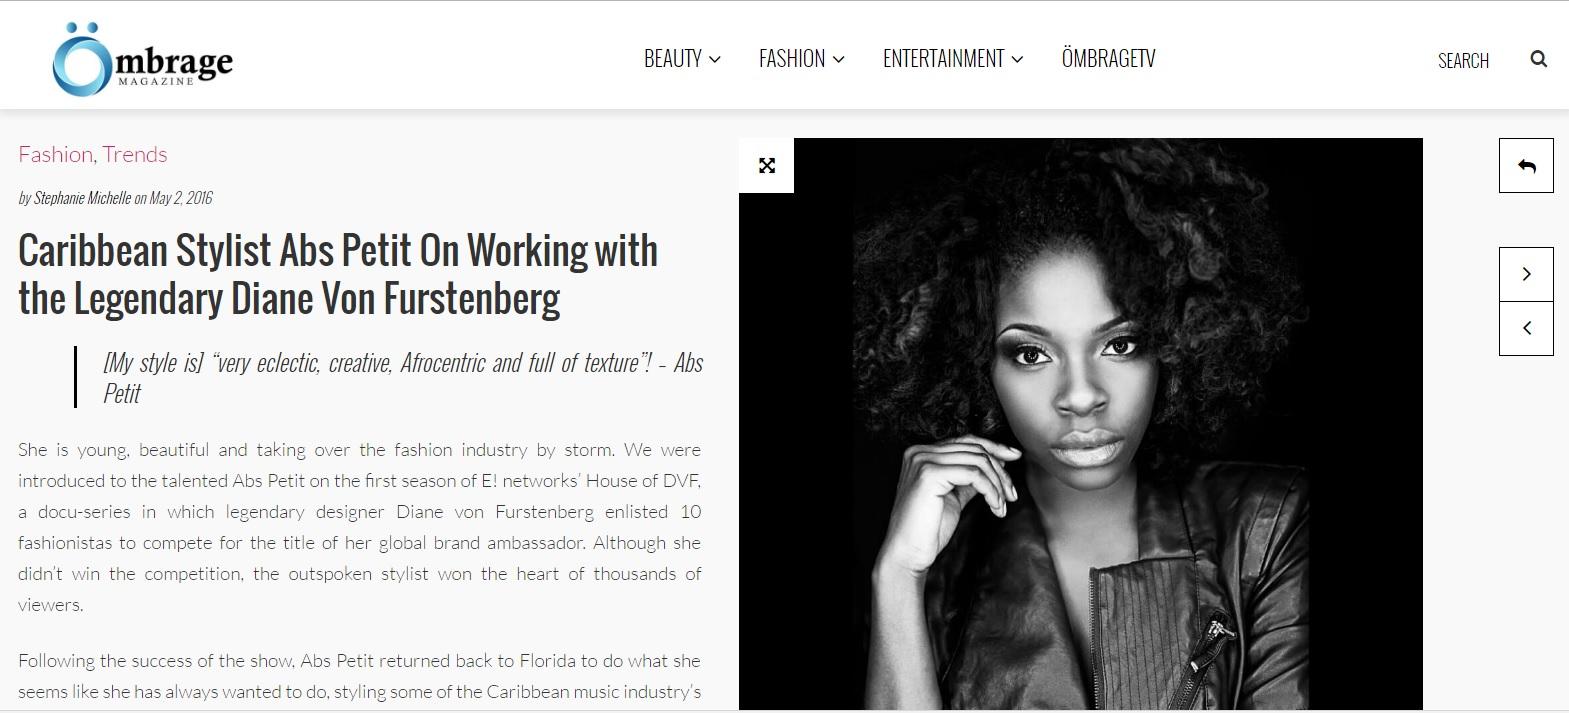 www.ombragemagazine.com